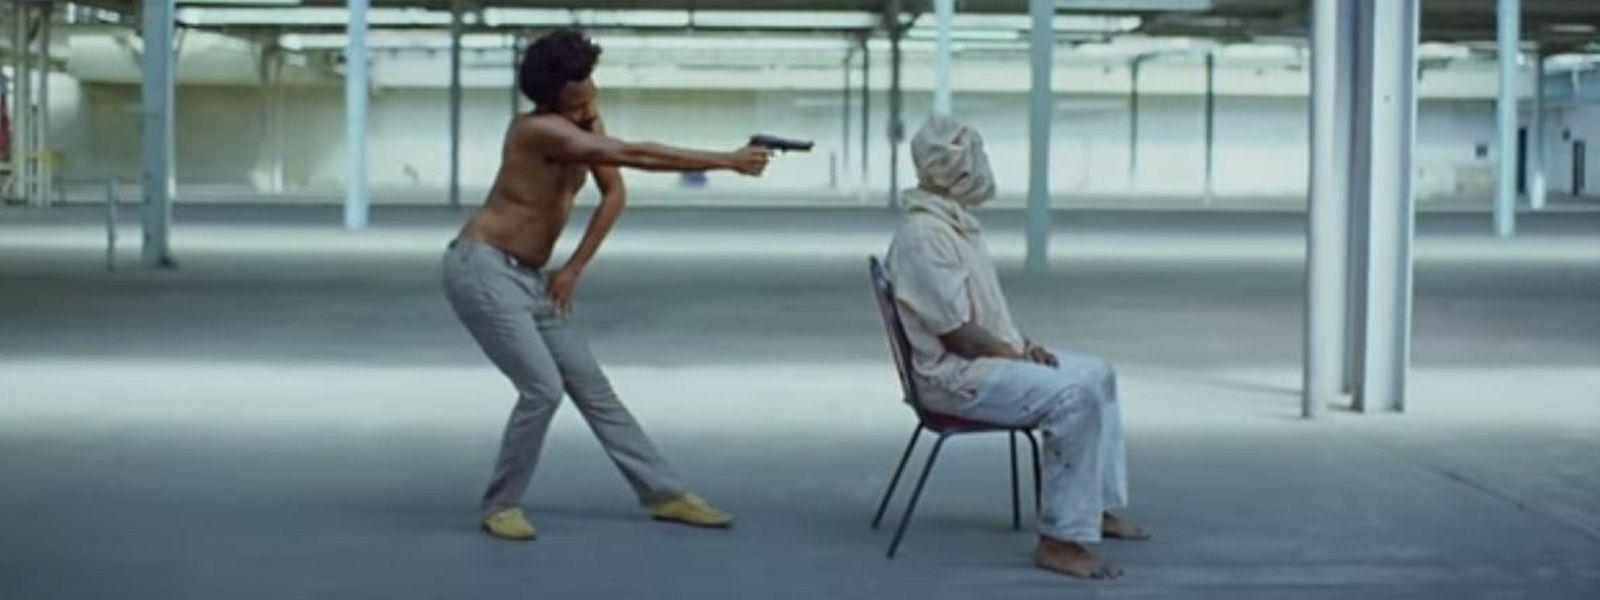 """Harte Bilder: Childish Gambino in """"This is America!"""""""